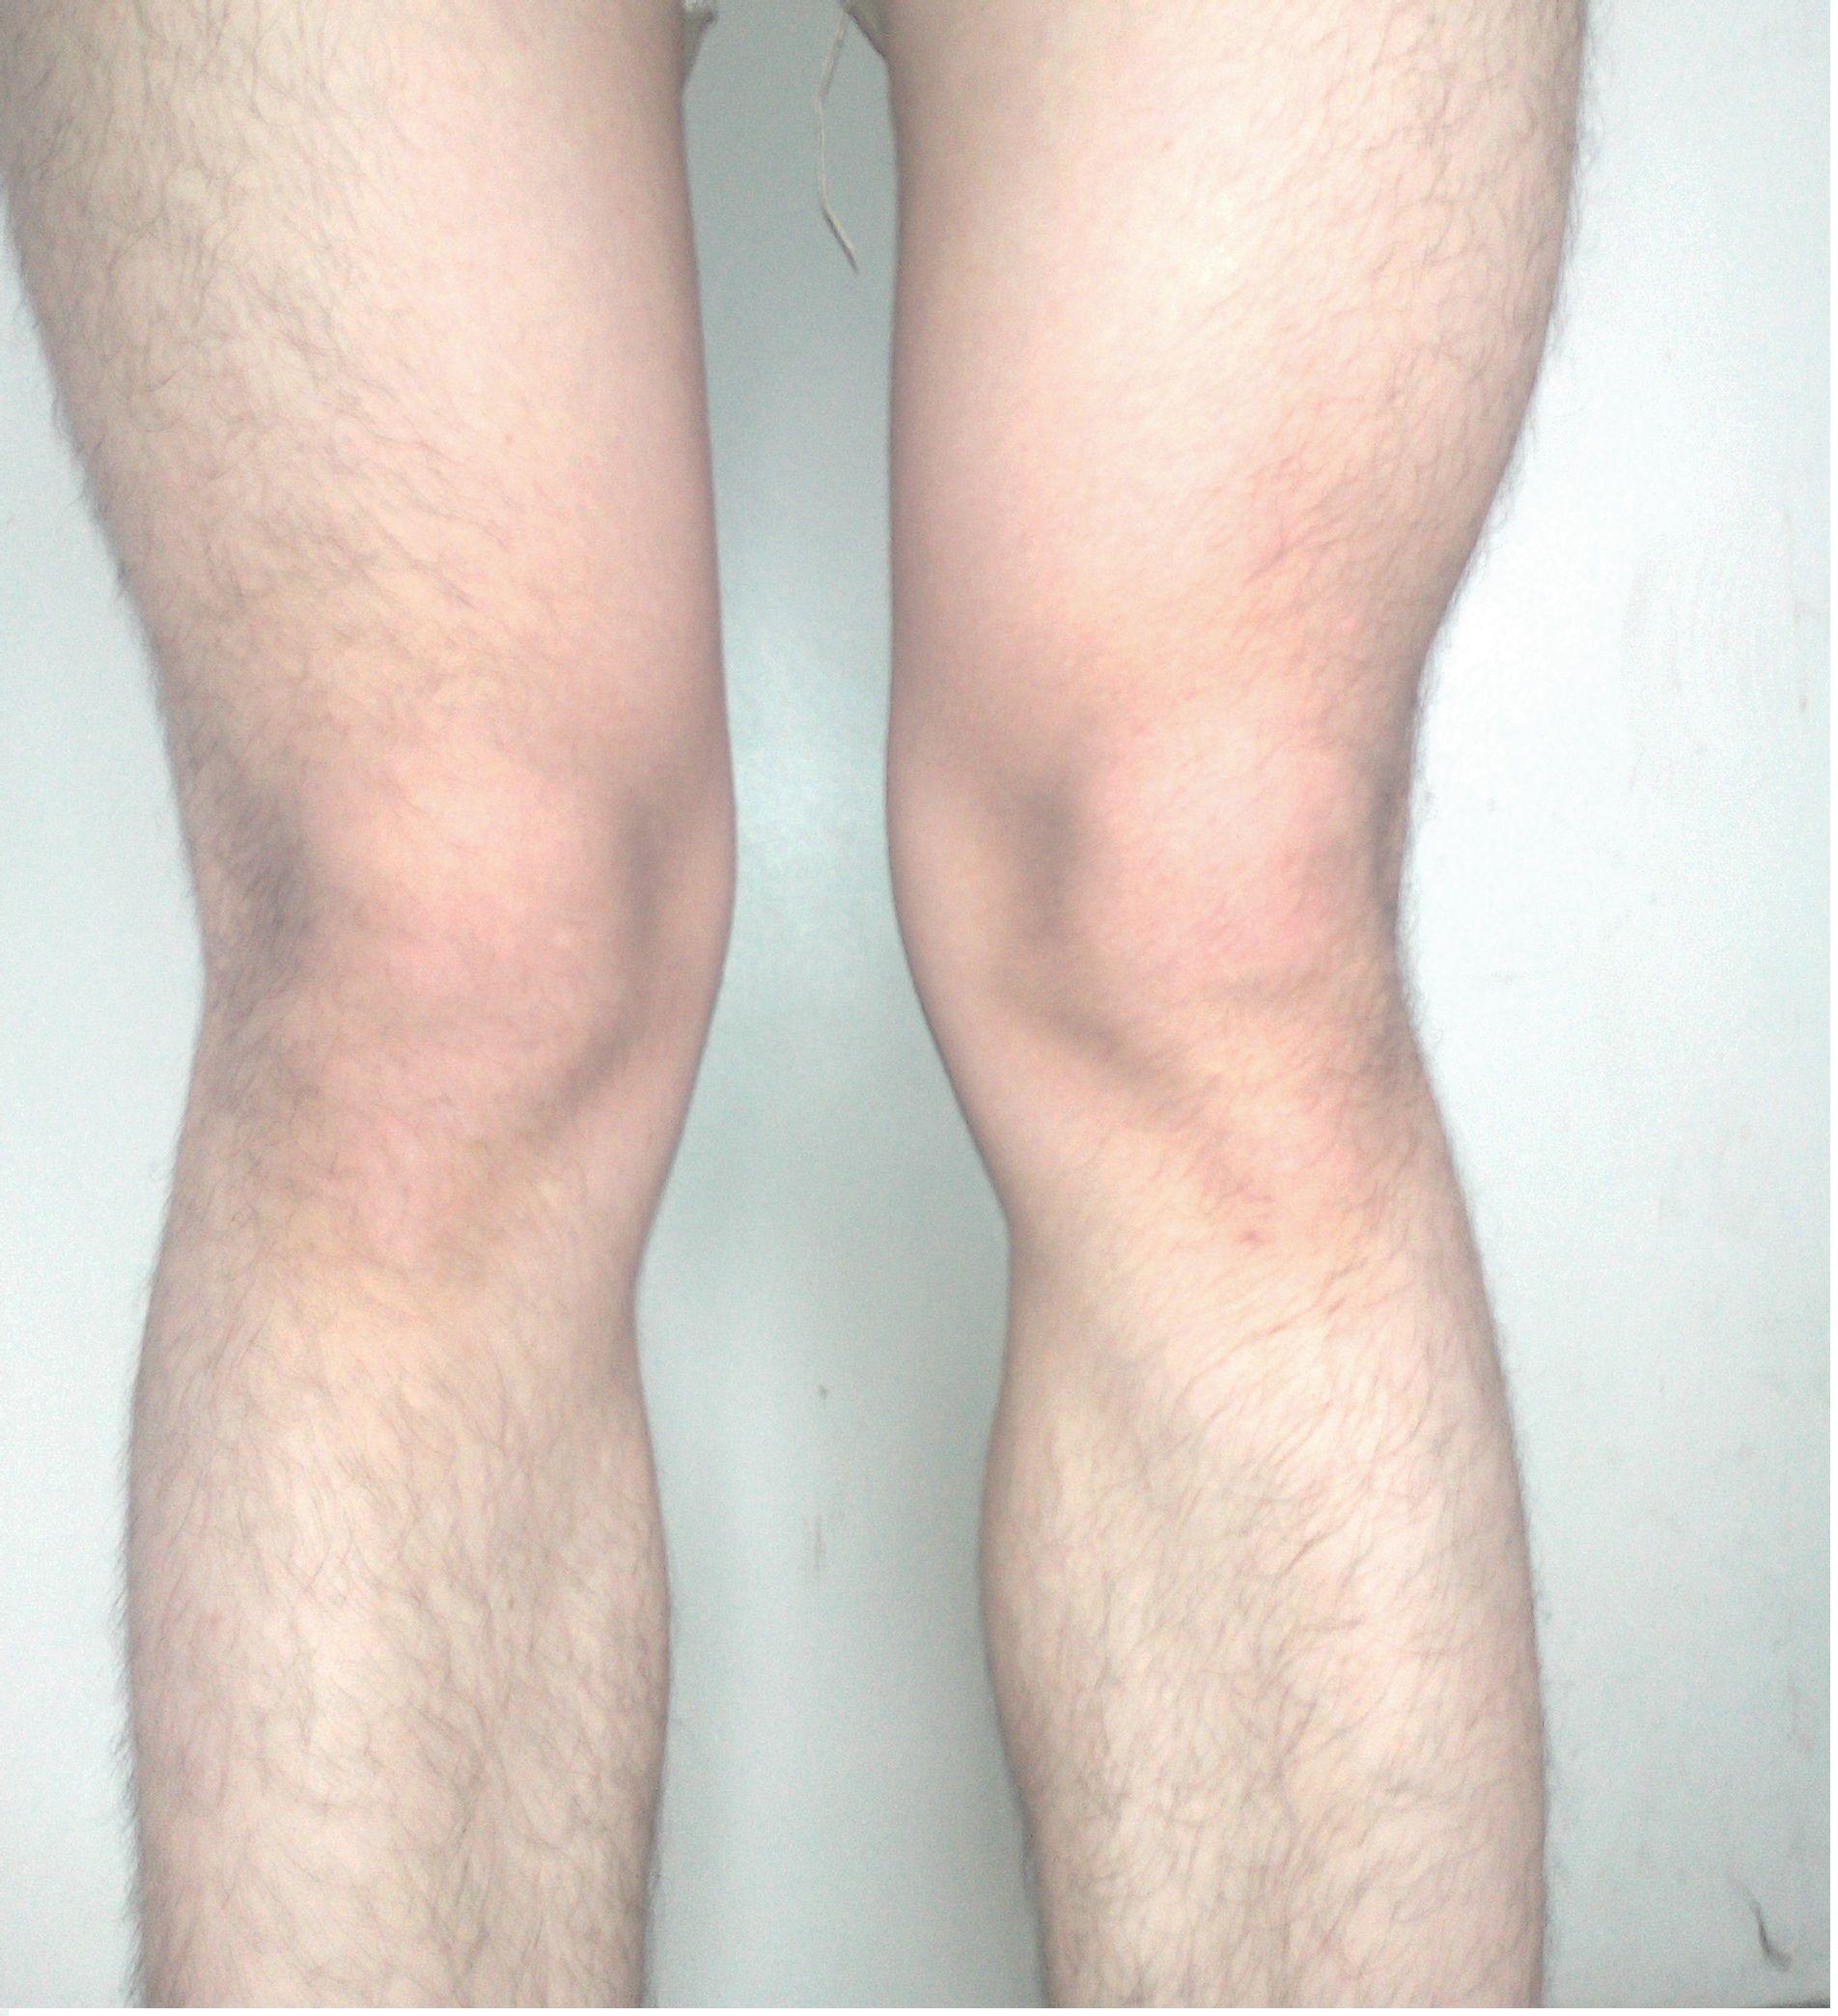 x型腿矫正方法 婴儿o型腿矫正图解高清图片